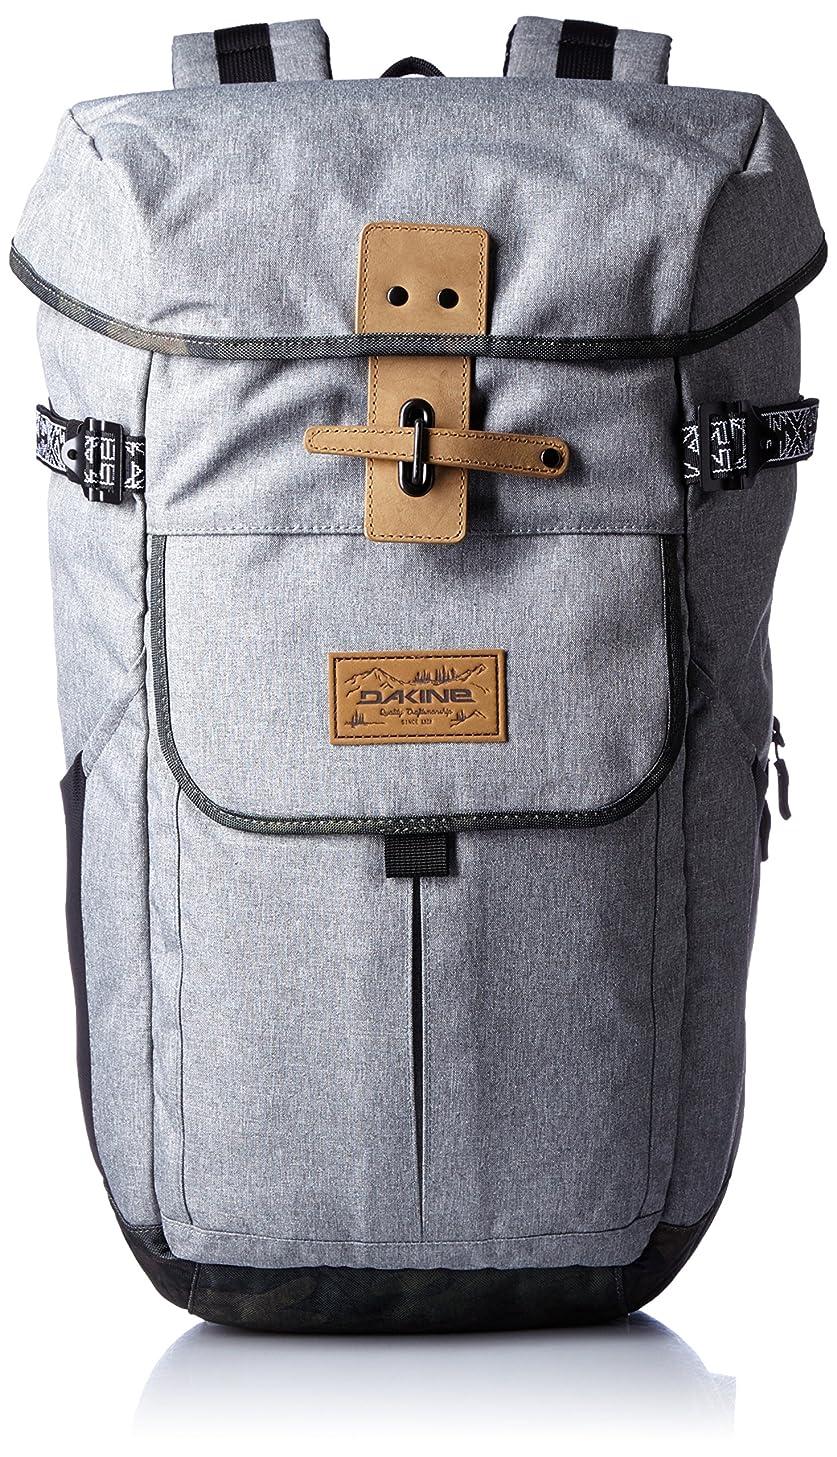 連合複製モッキンバード[ダカイン] リュック (ノートパソコン 収納可能) [ Caravan 27L / AG237-009 ] バッグ デイパック